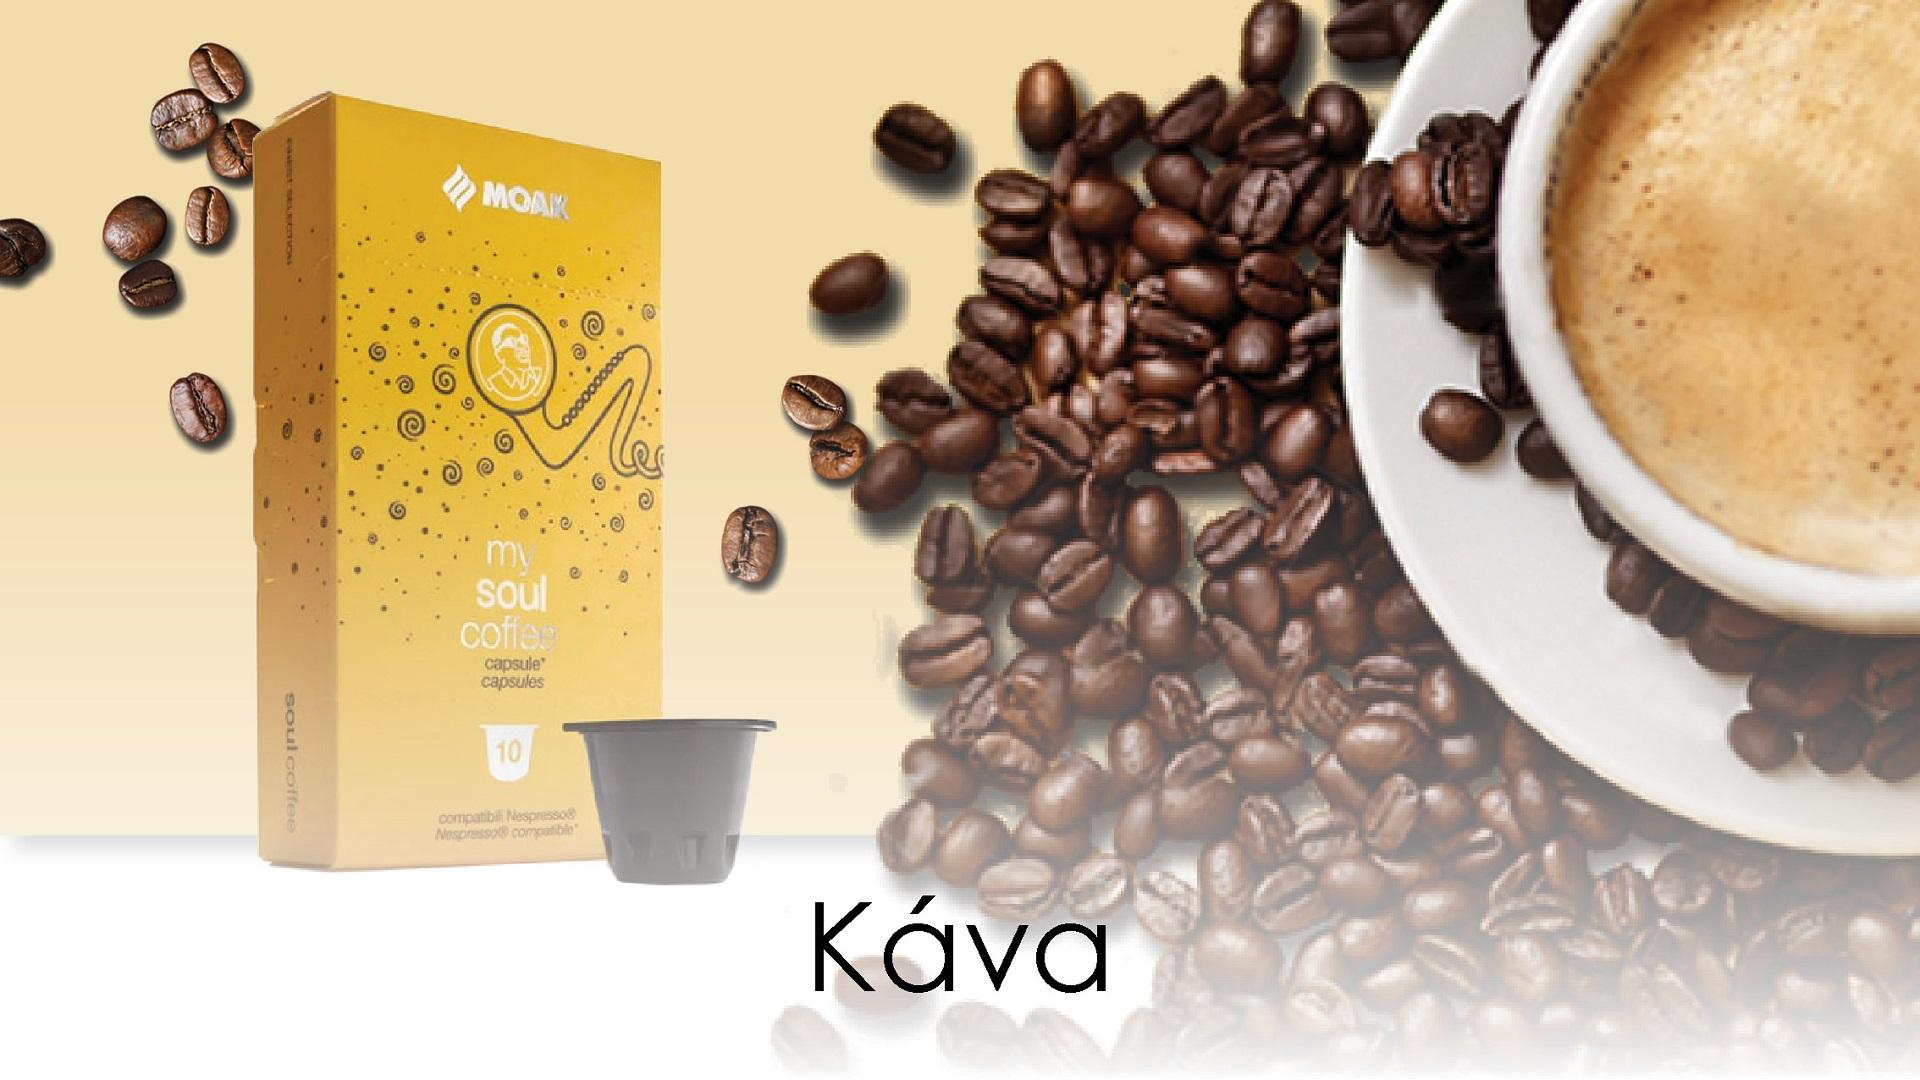 Italská káva MOAK již brzy v naší nabídce!